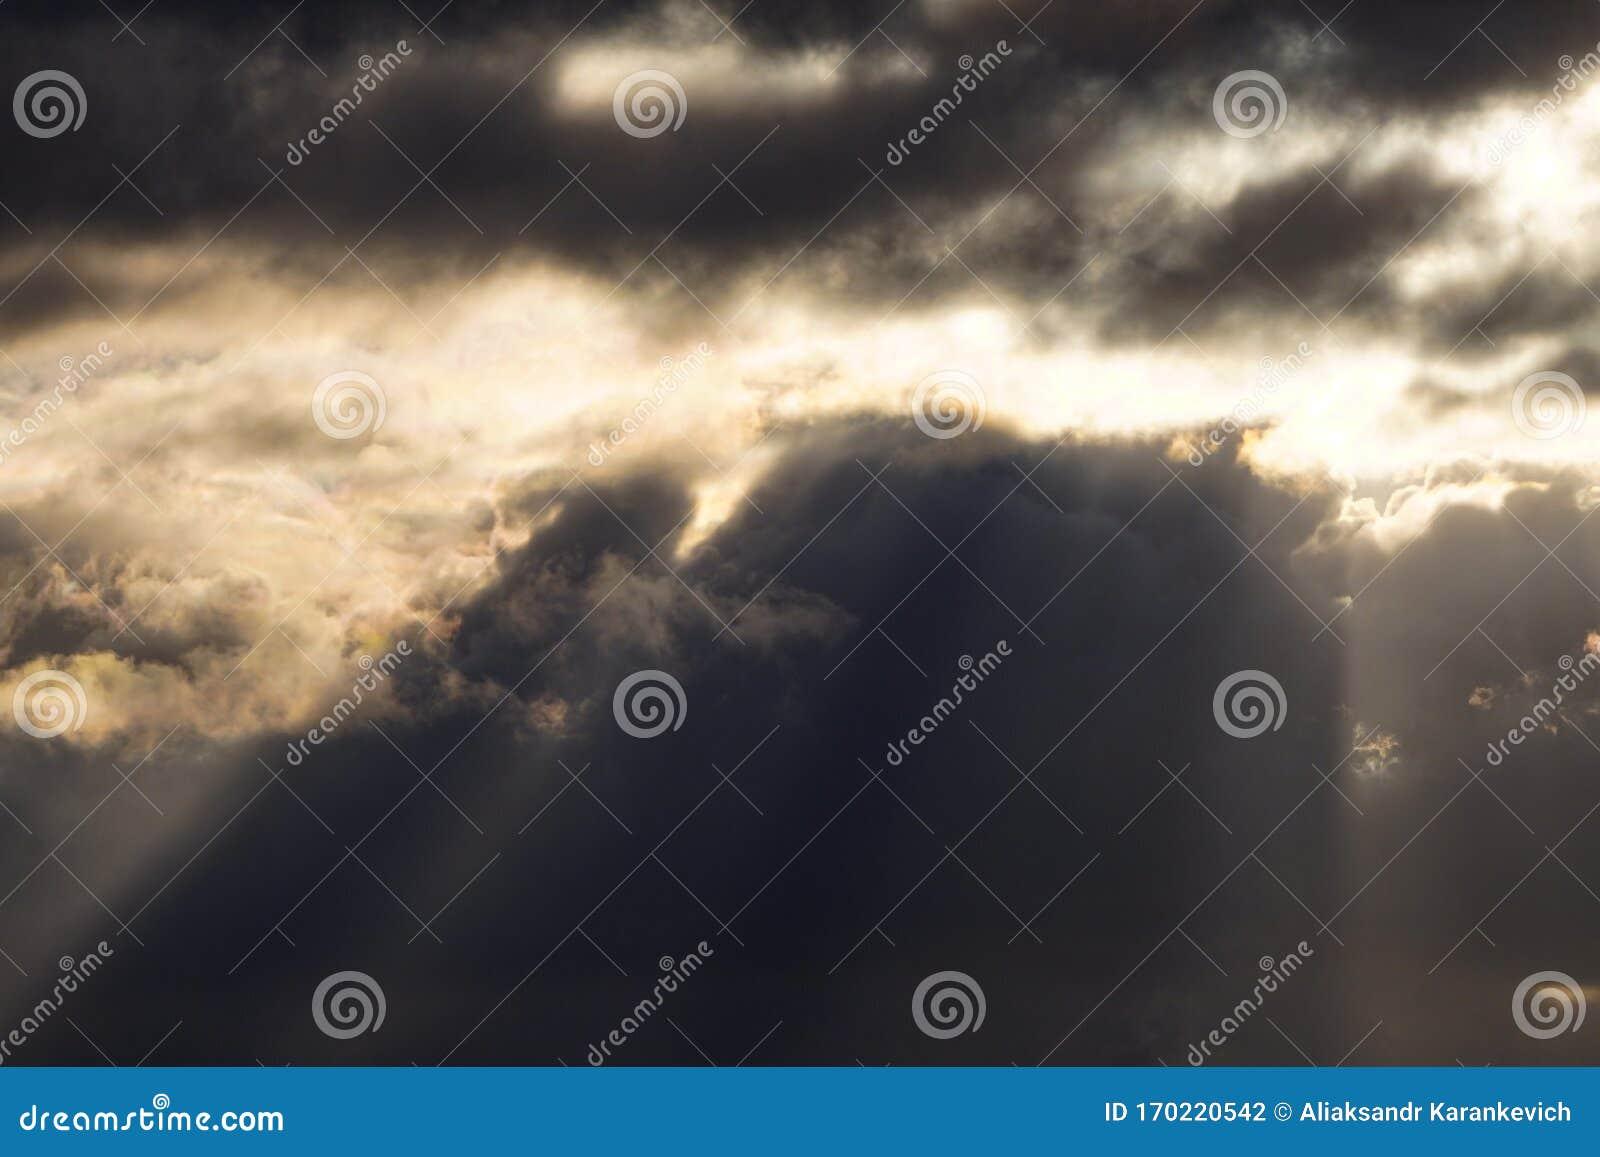 El Sol Brilla Entre Las Nubes La Luz De Contraste El Clima Cambia El Cielo Brillante Brillante Con Las Nubes Blancas Y Grises C Foto De Archivo Imagen De Brilla Contraste